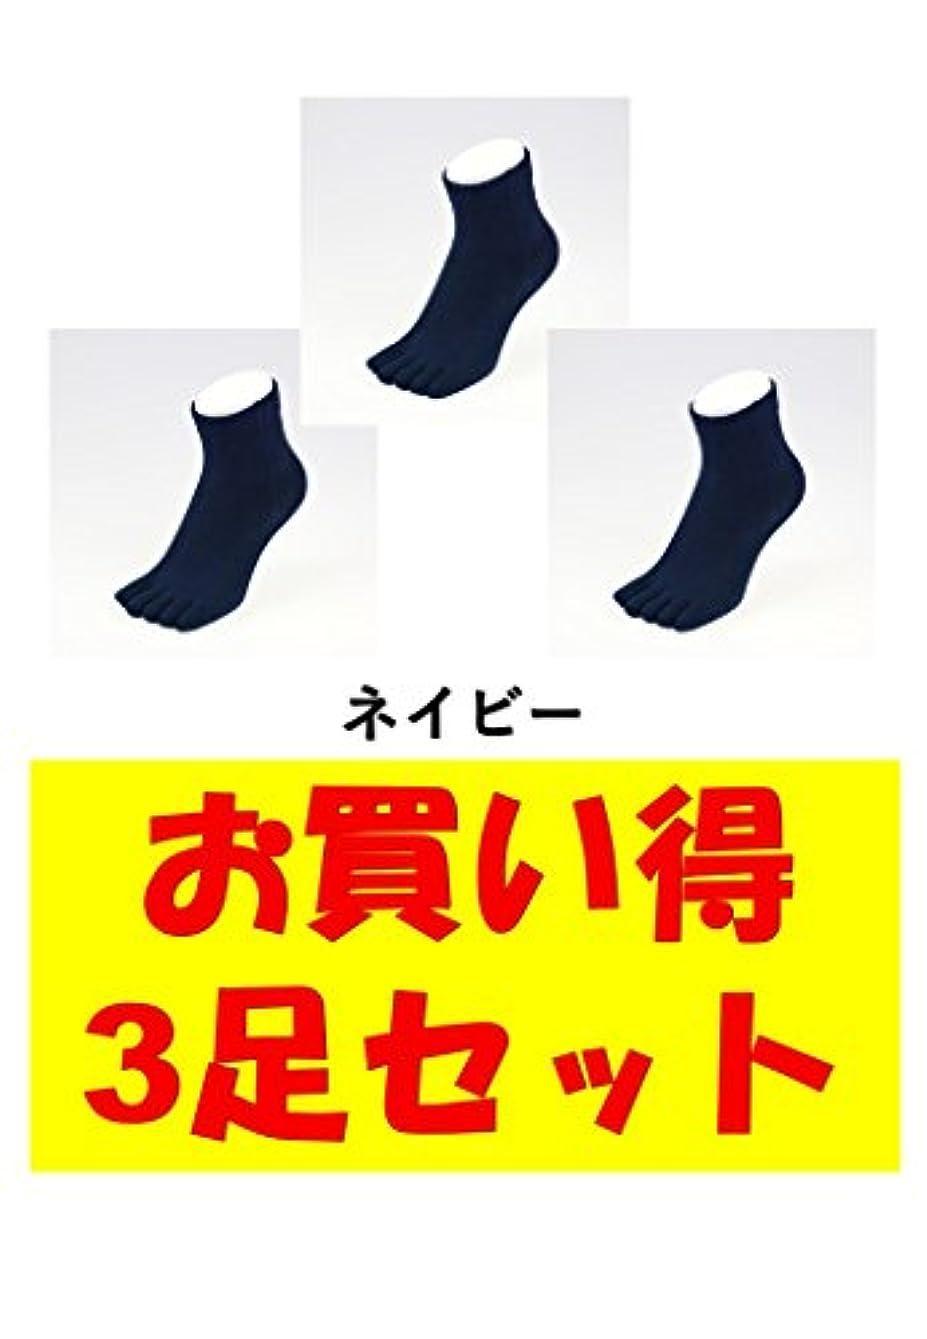 方言熟練したイベントお買い得3足セット 5本指 ゆびのばソックス Neo EVE(イヴ) ネイビー iサイズ(23.5cm - 25.5cm) YSNEVE-NVY